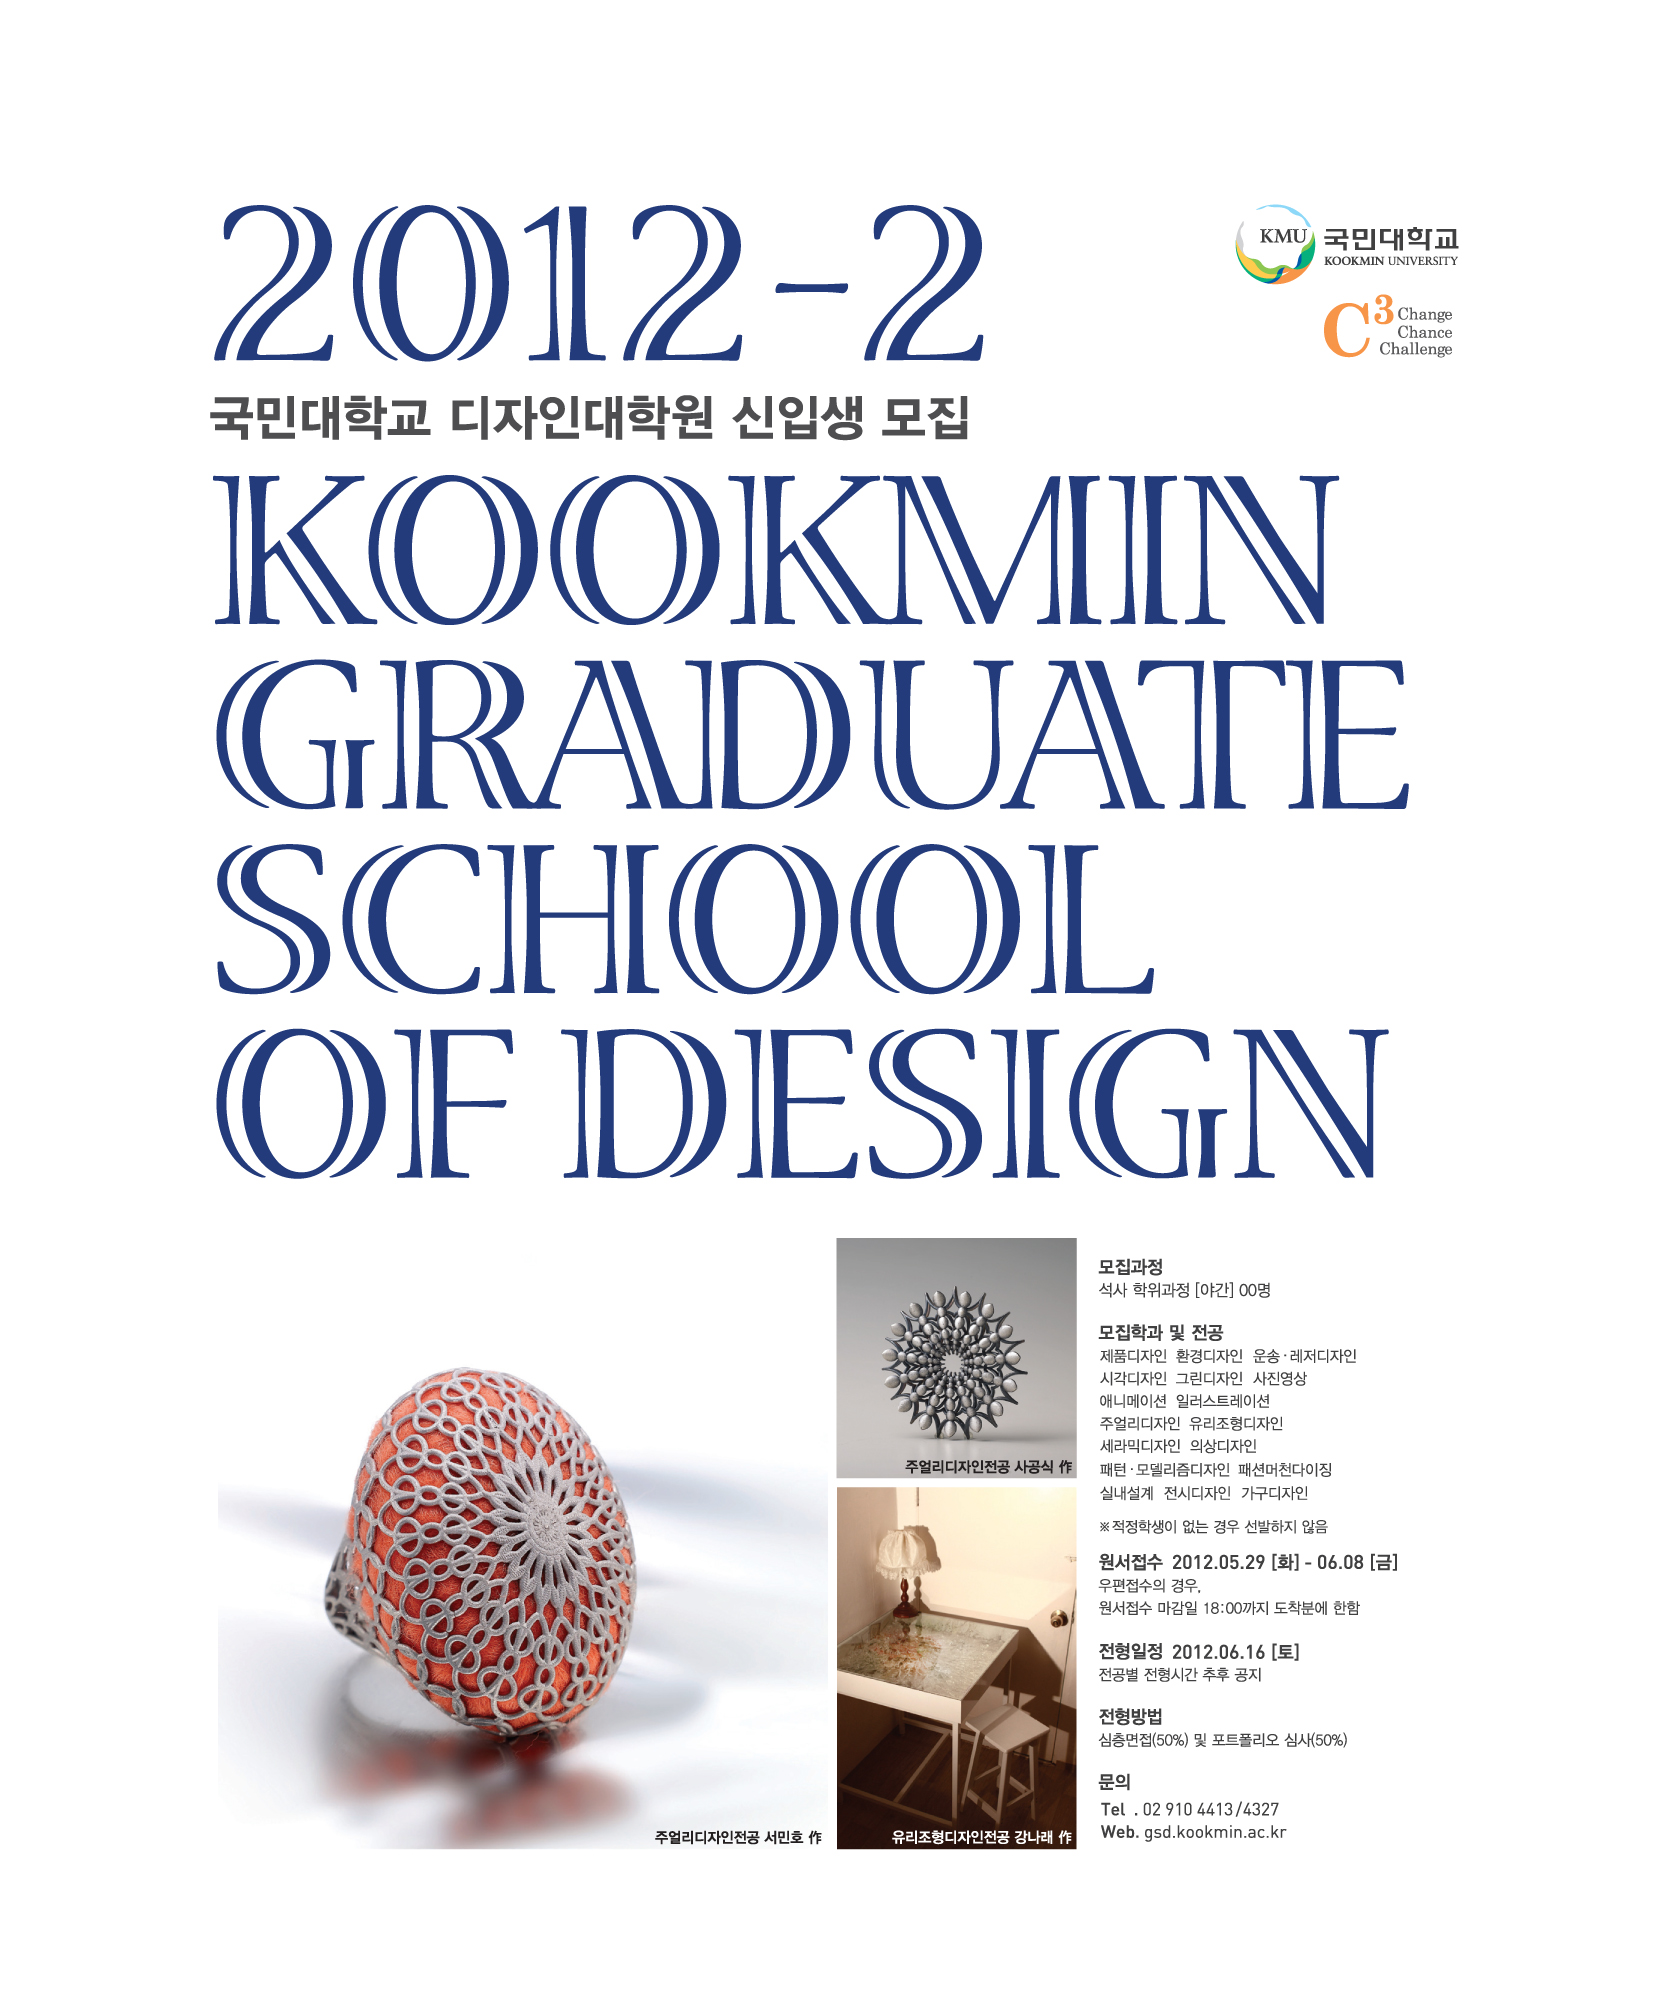 2012 디대원 후기 모집요강 포스터(234-281])